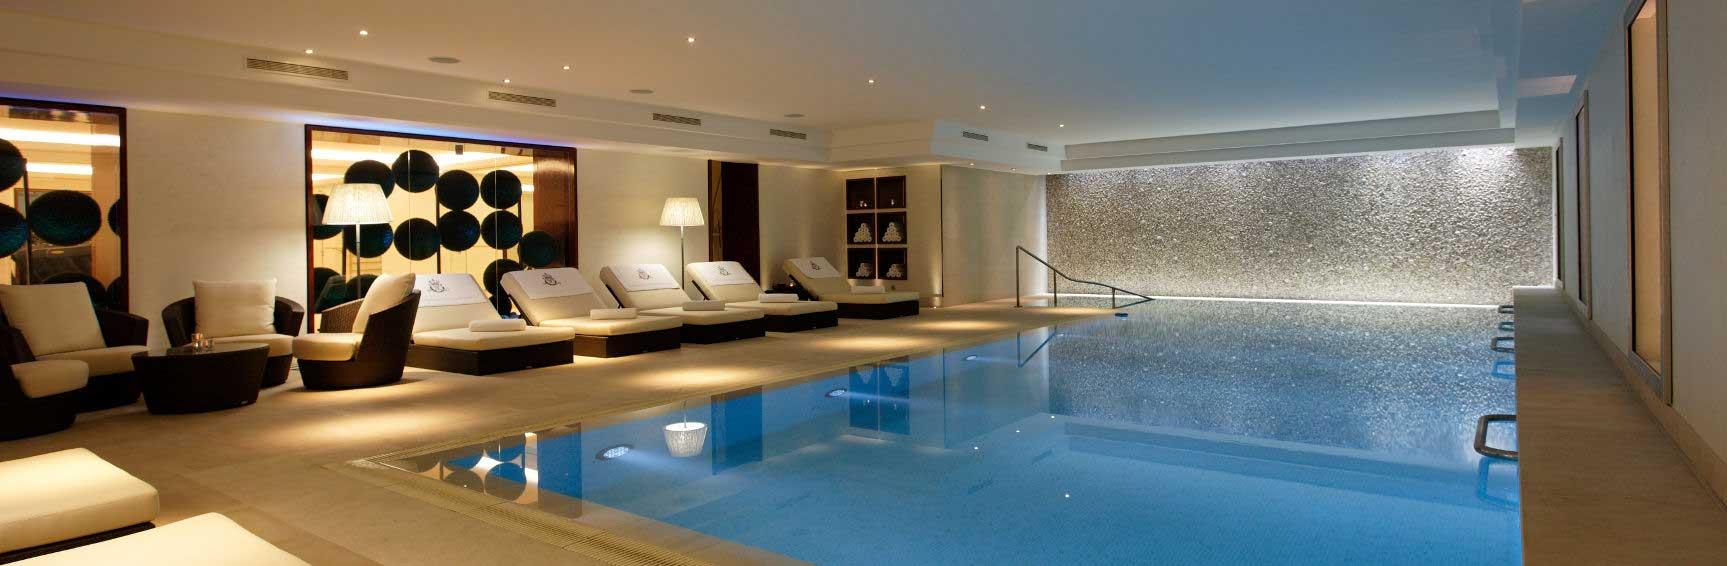 Paris hotels de luxe vacances arts guides voyages for Hotel paris avec piscine